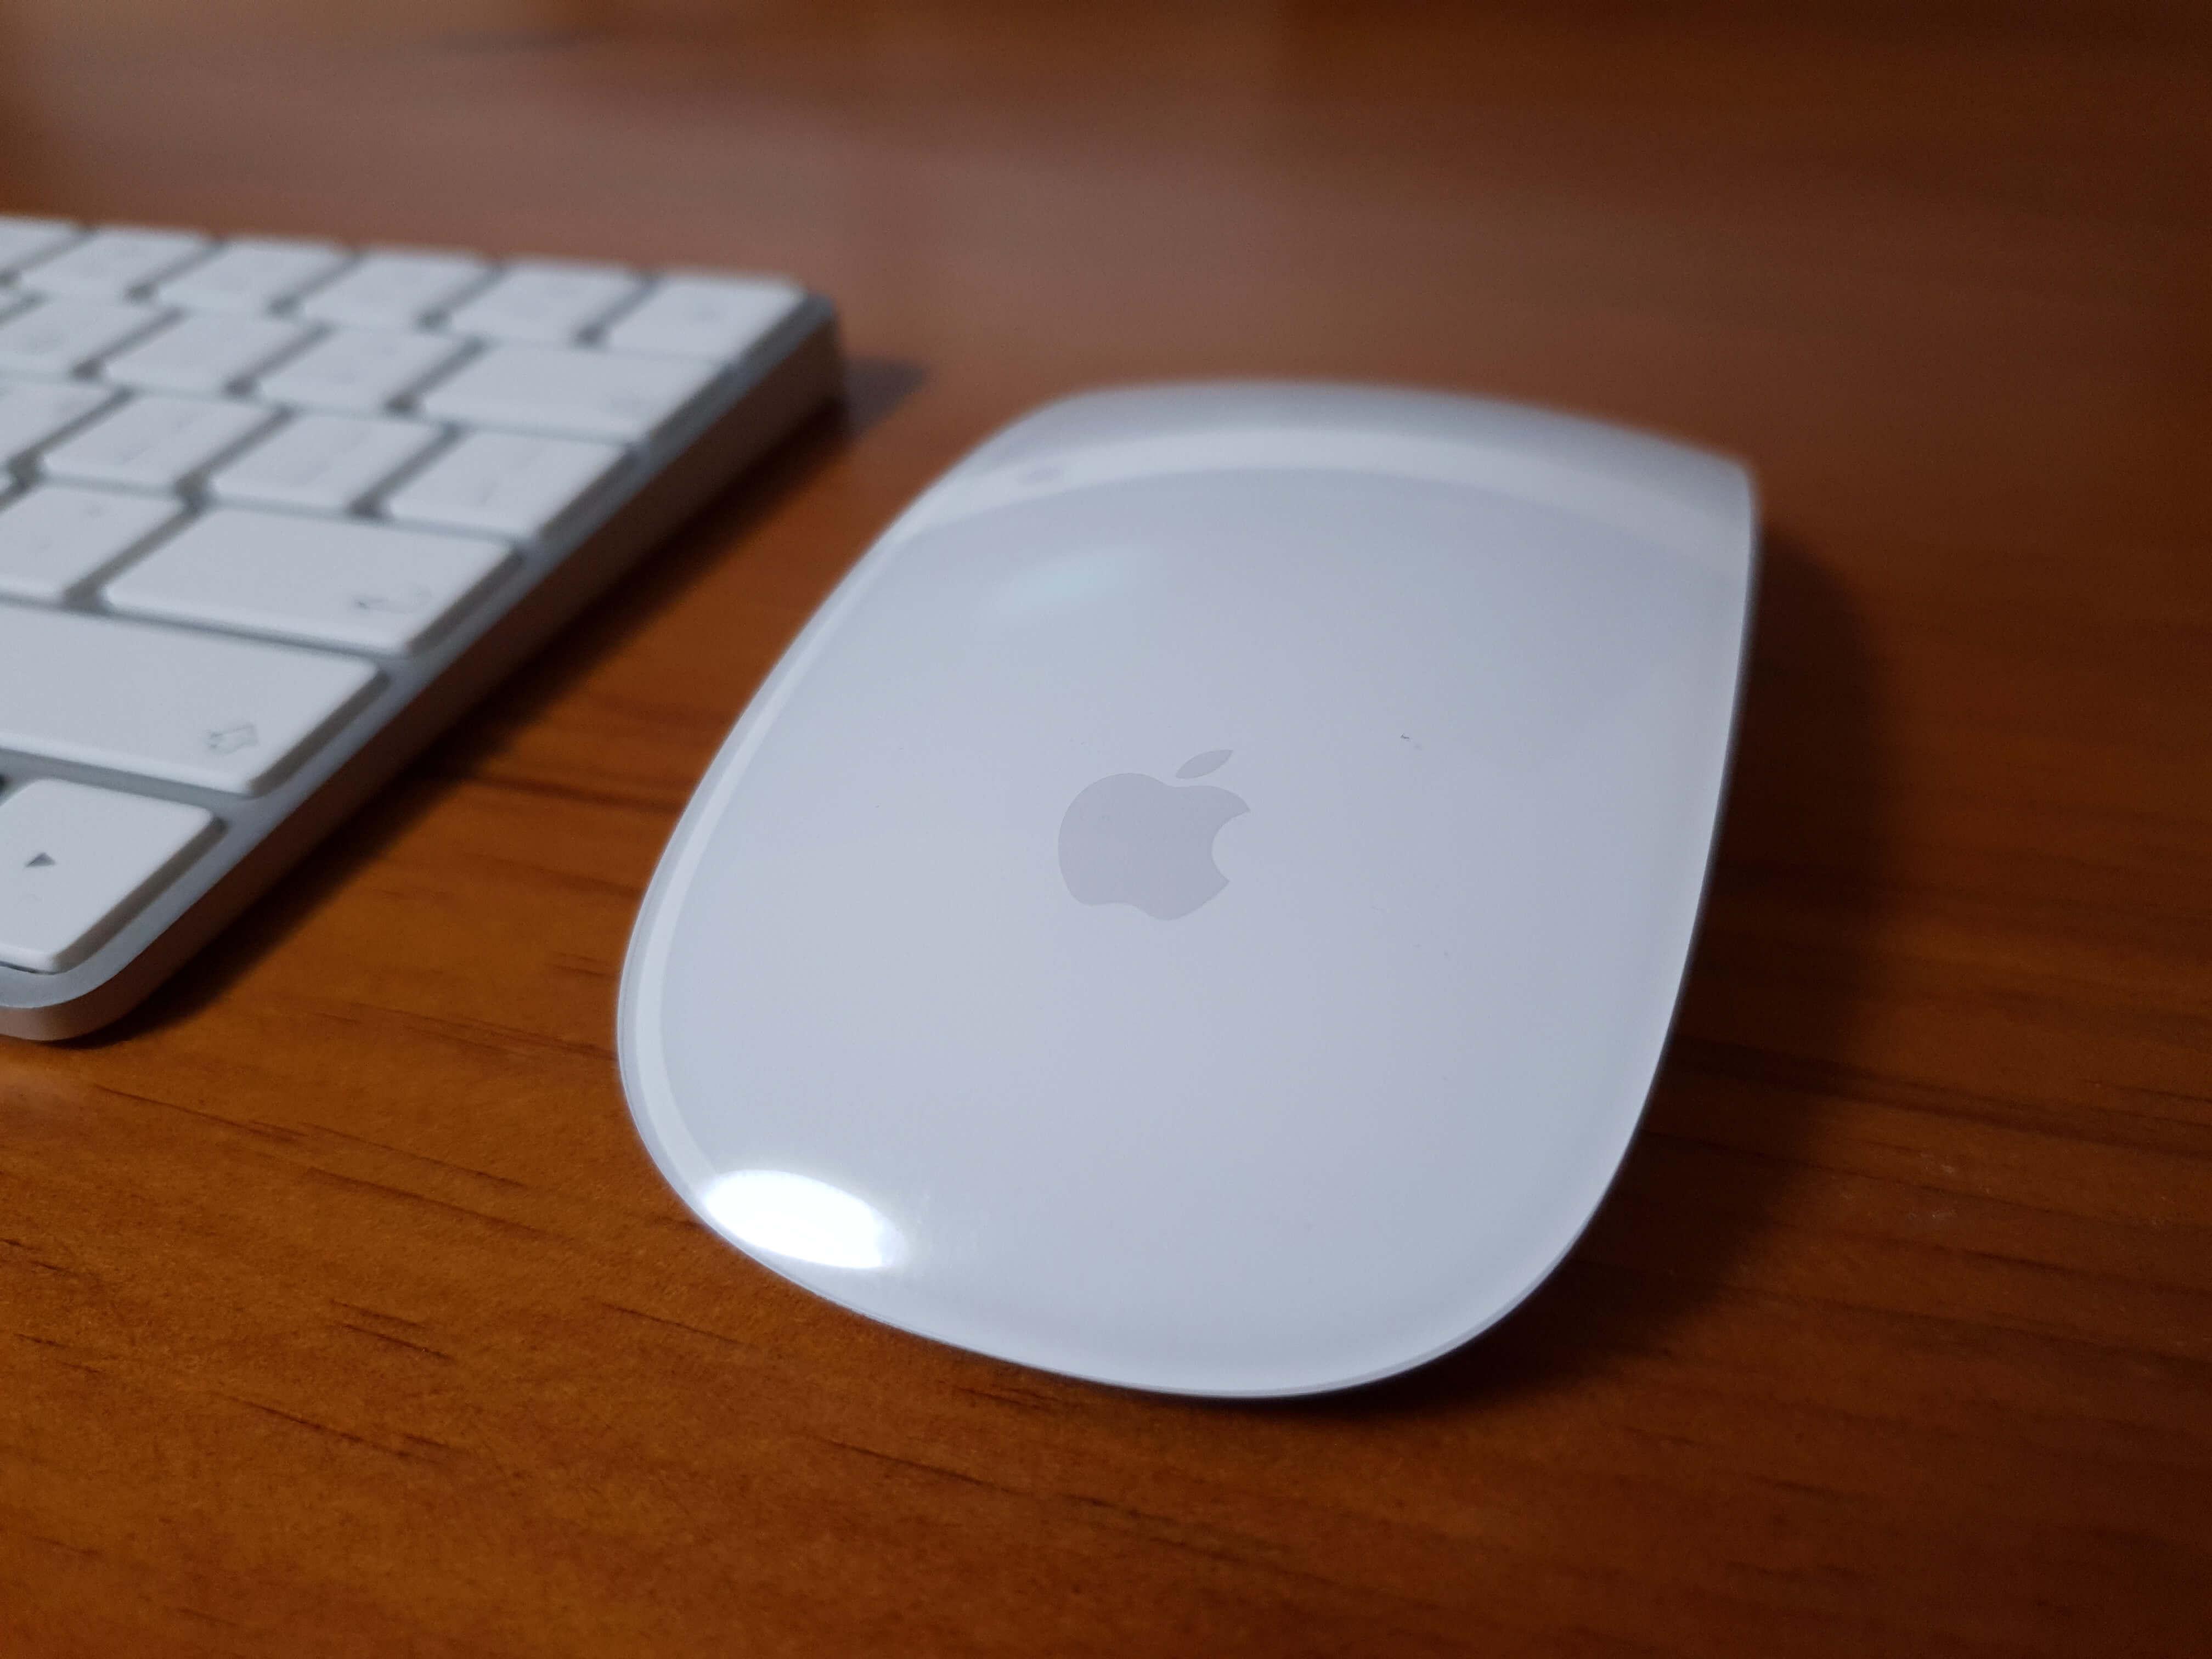 애플-아이맥-마우스